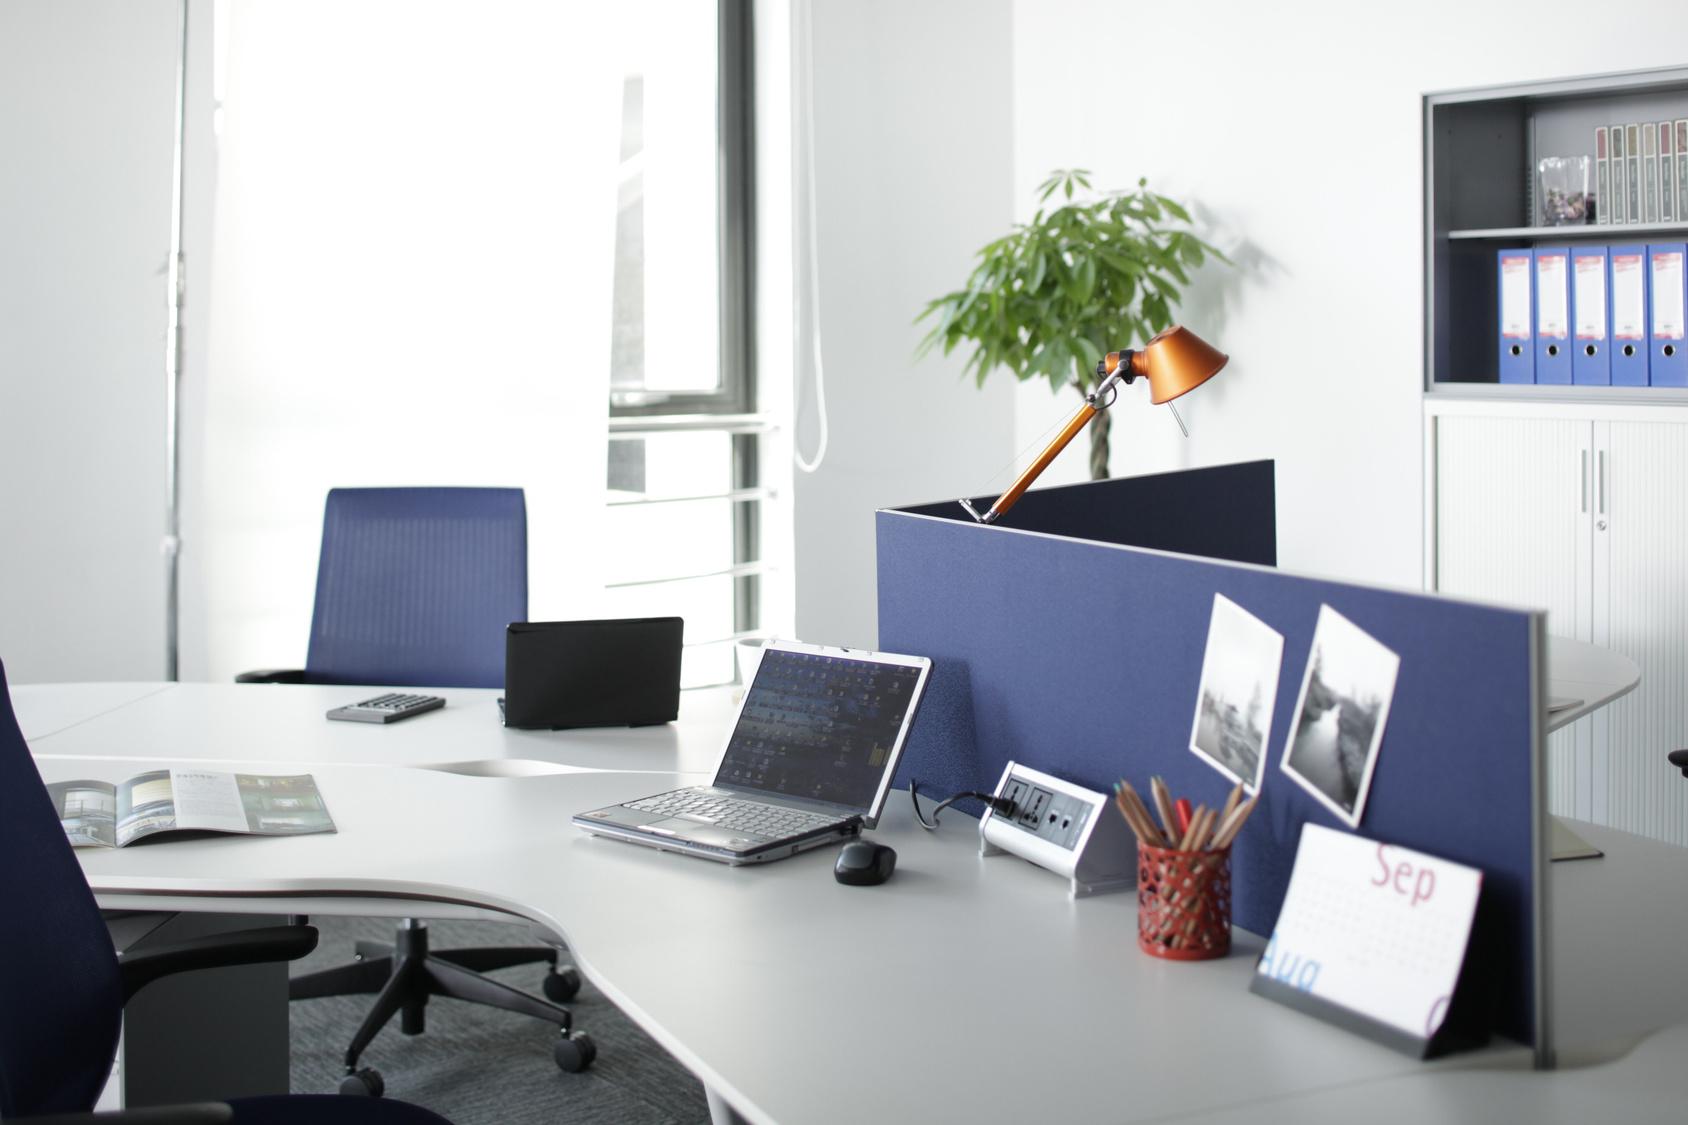 株式会社マテリアルプラスが運営するホームページ制作サイト「fukuyamawork.com」 50サイトの施工実績から解った「集客手法」が支持されています。